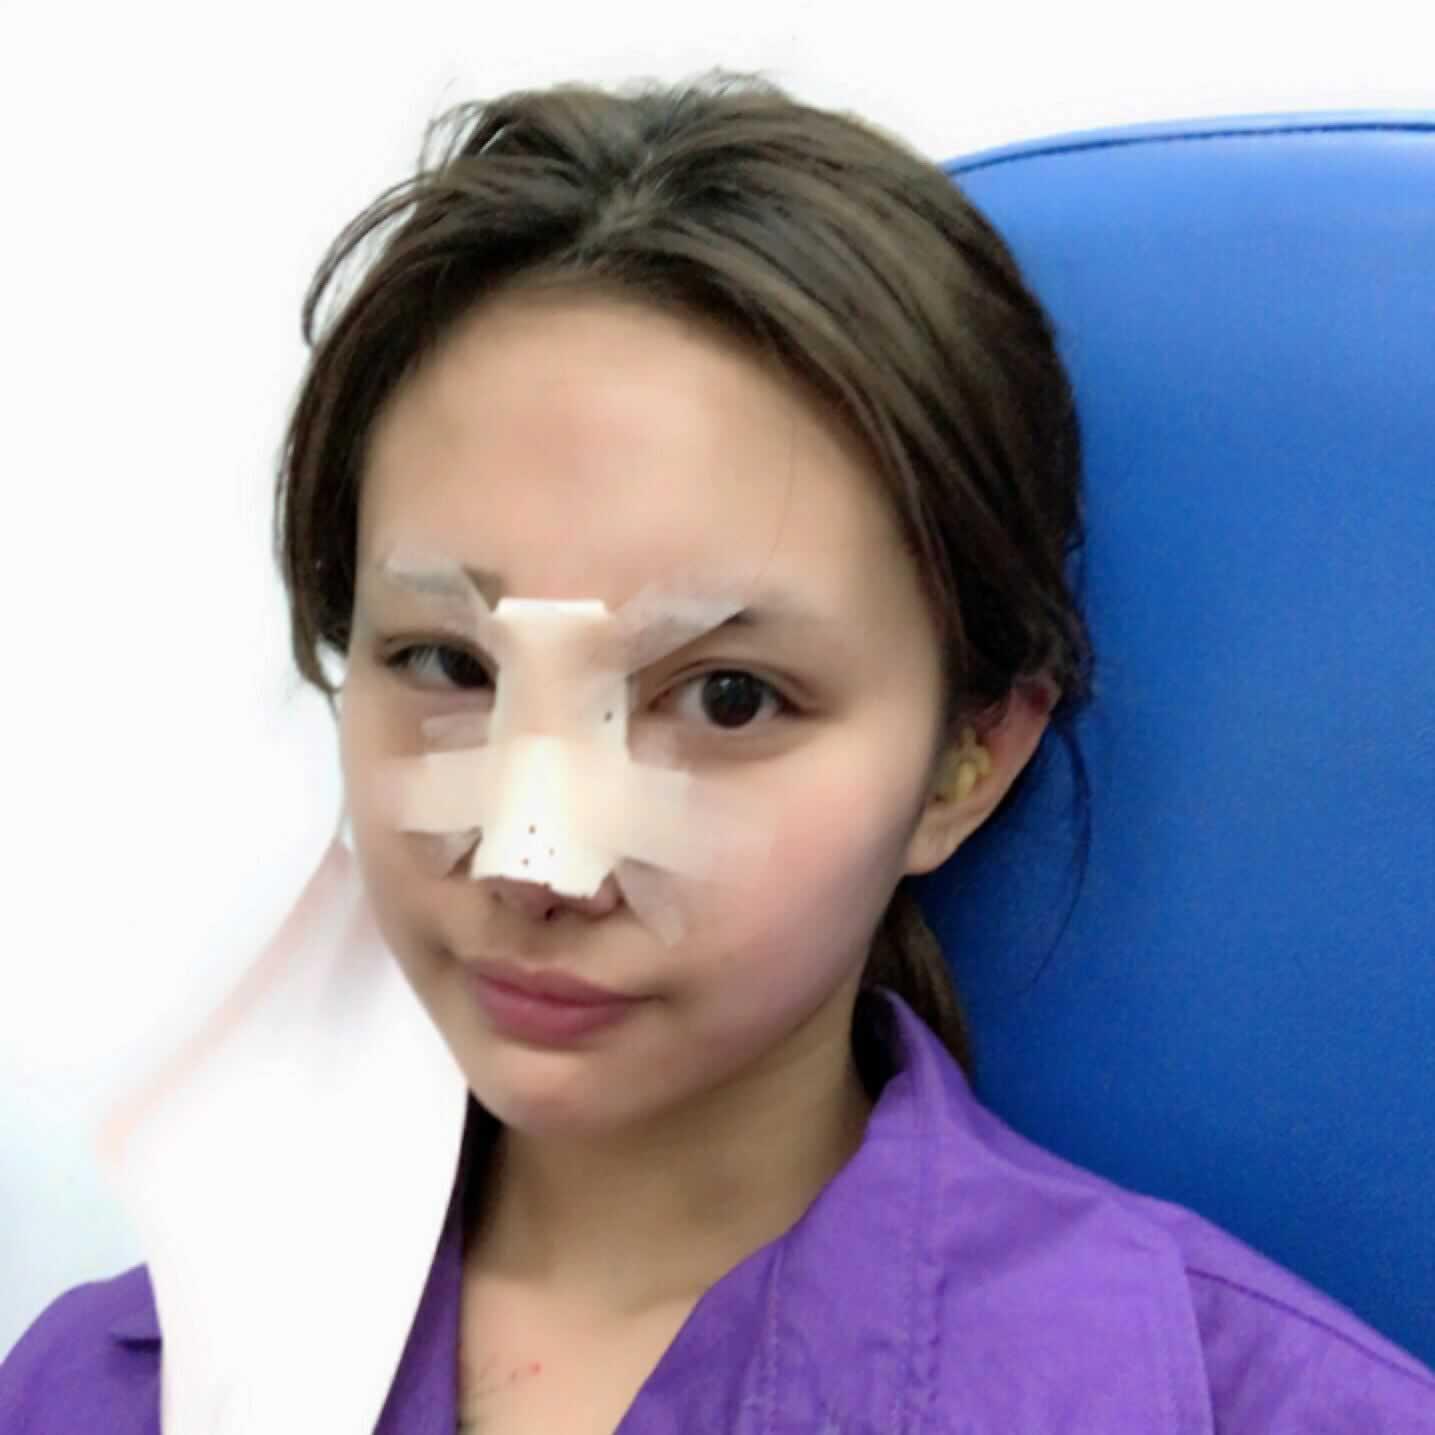 终于下定决心做了一个肋软骨隆鼻,以后我就是美美哒的网红。